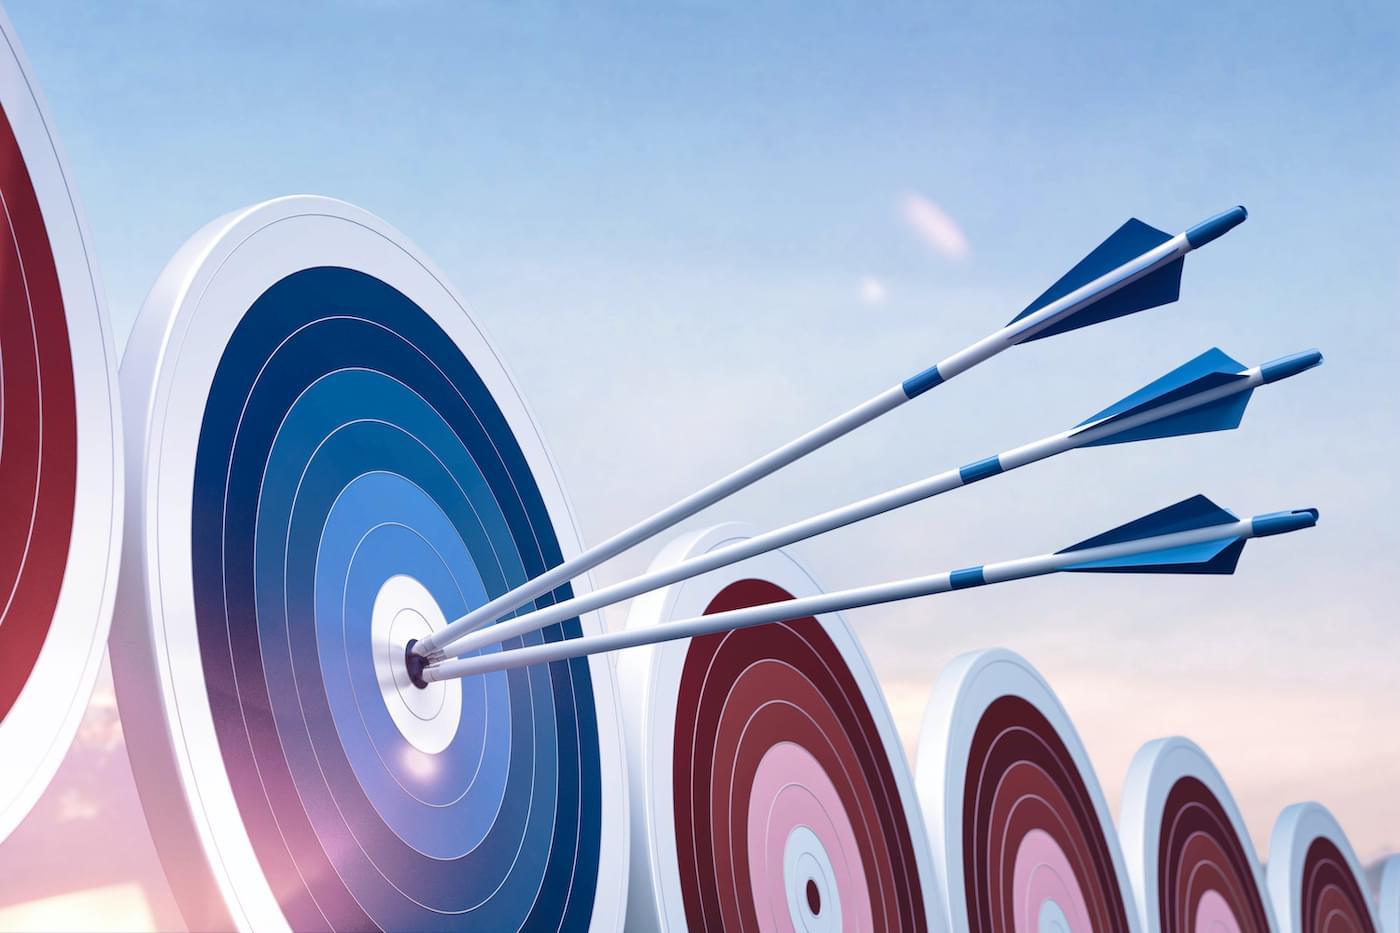 pivot your targeting.